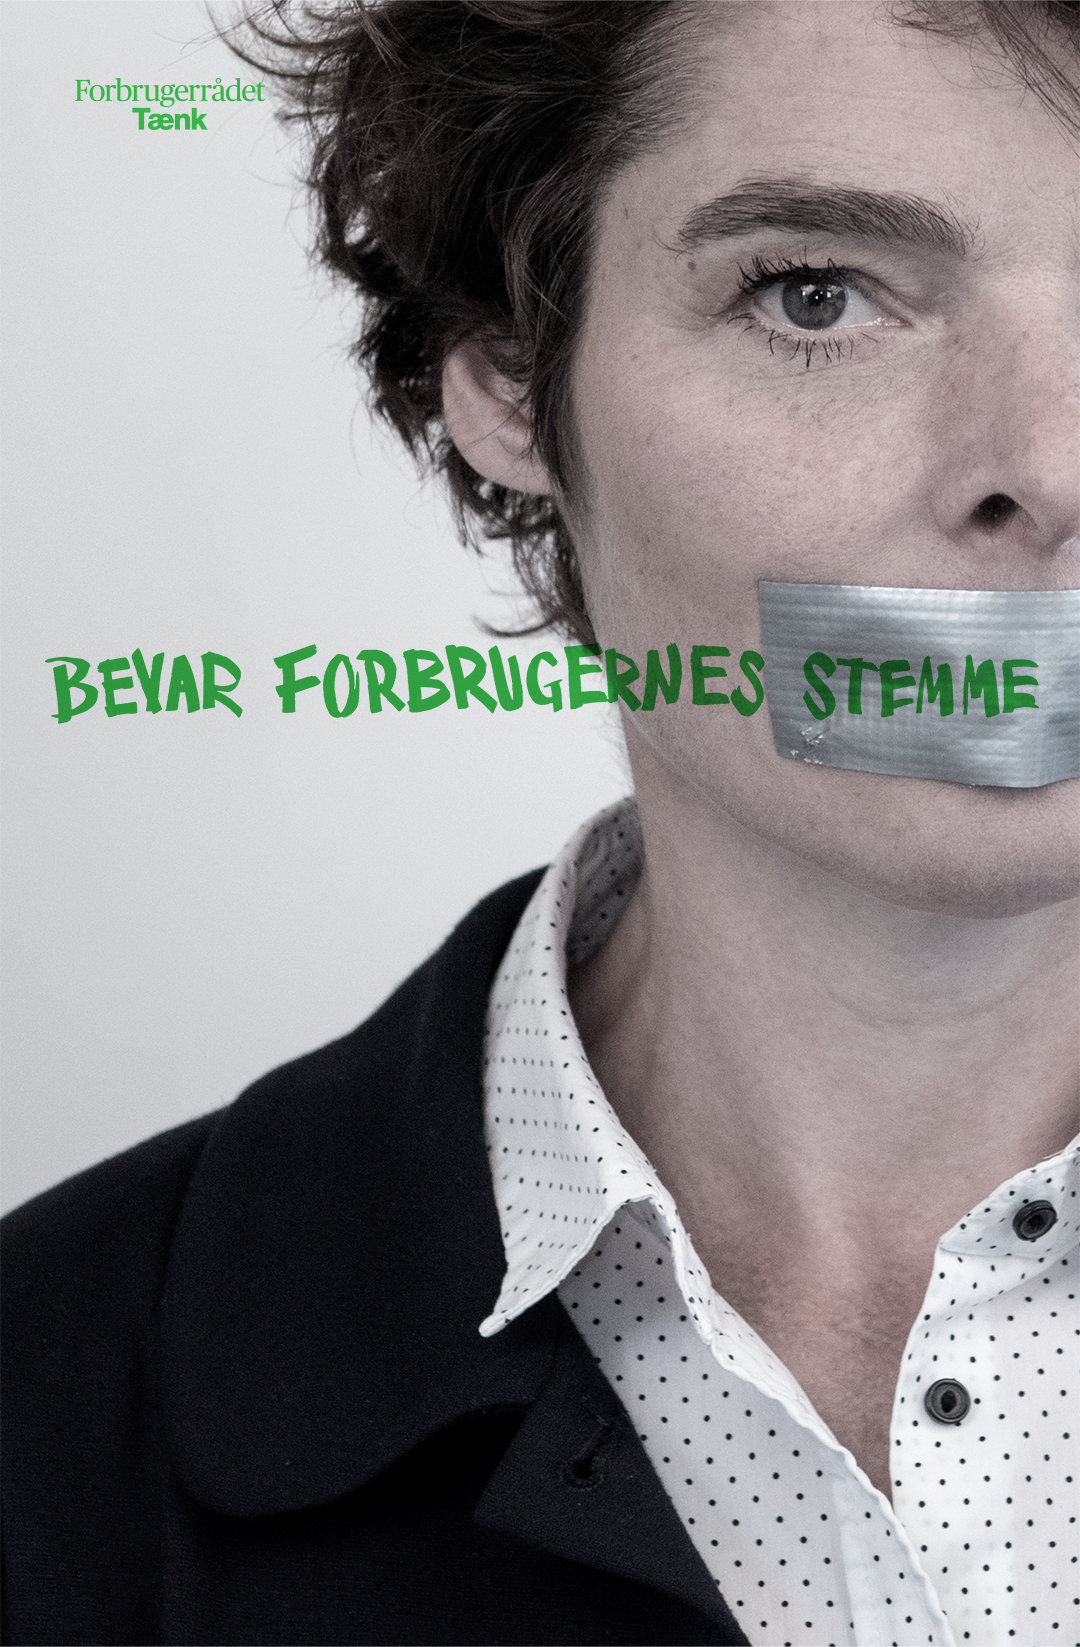 BEVARFORBRUGERNES_Case Template_10801a.jpg